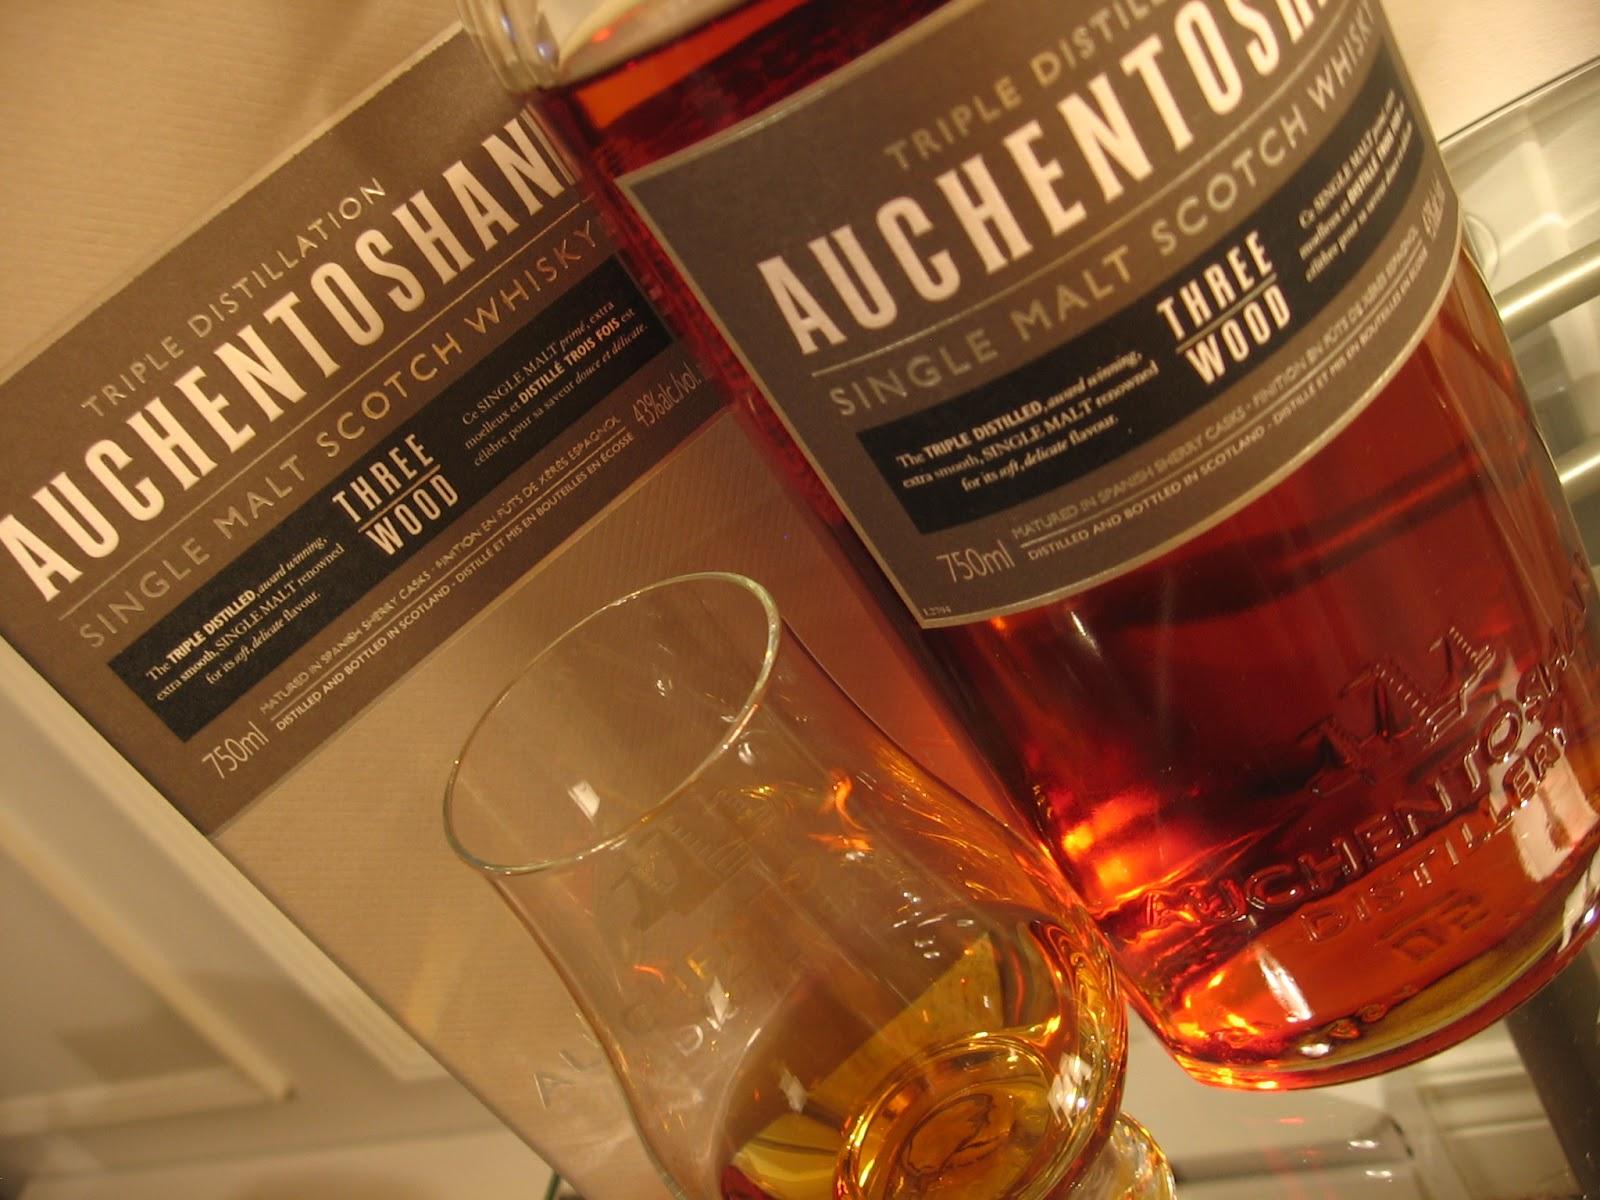 Jason S Scotch Whisky Reviews Review Auchentoshan 12